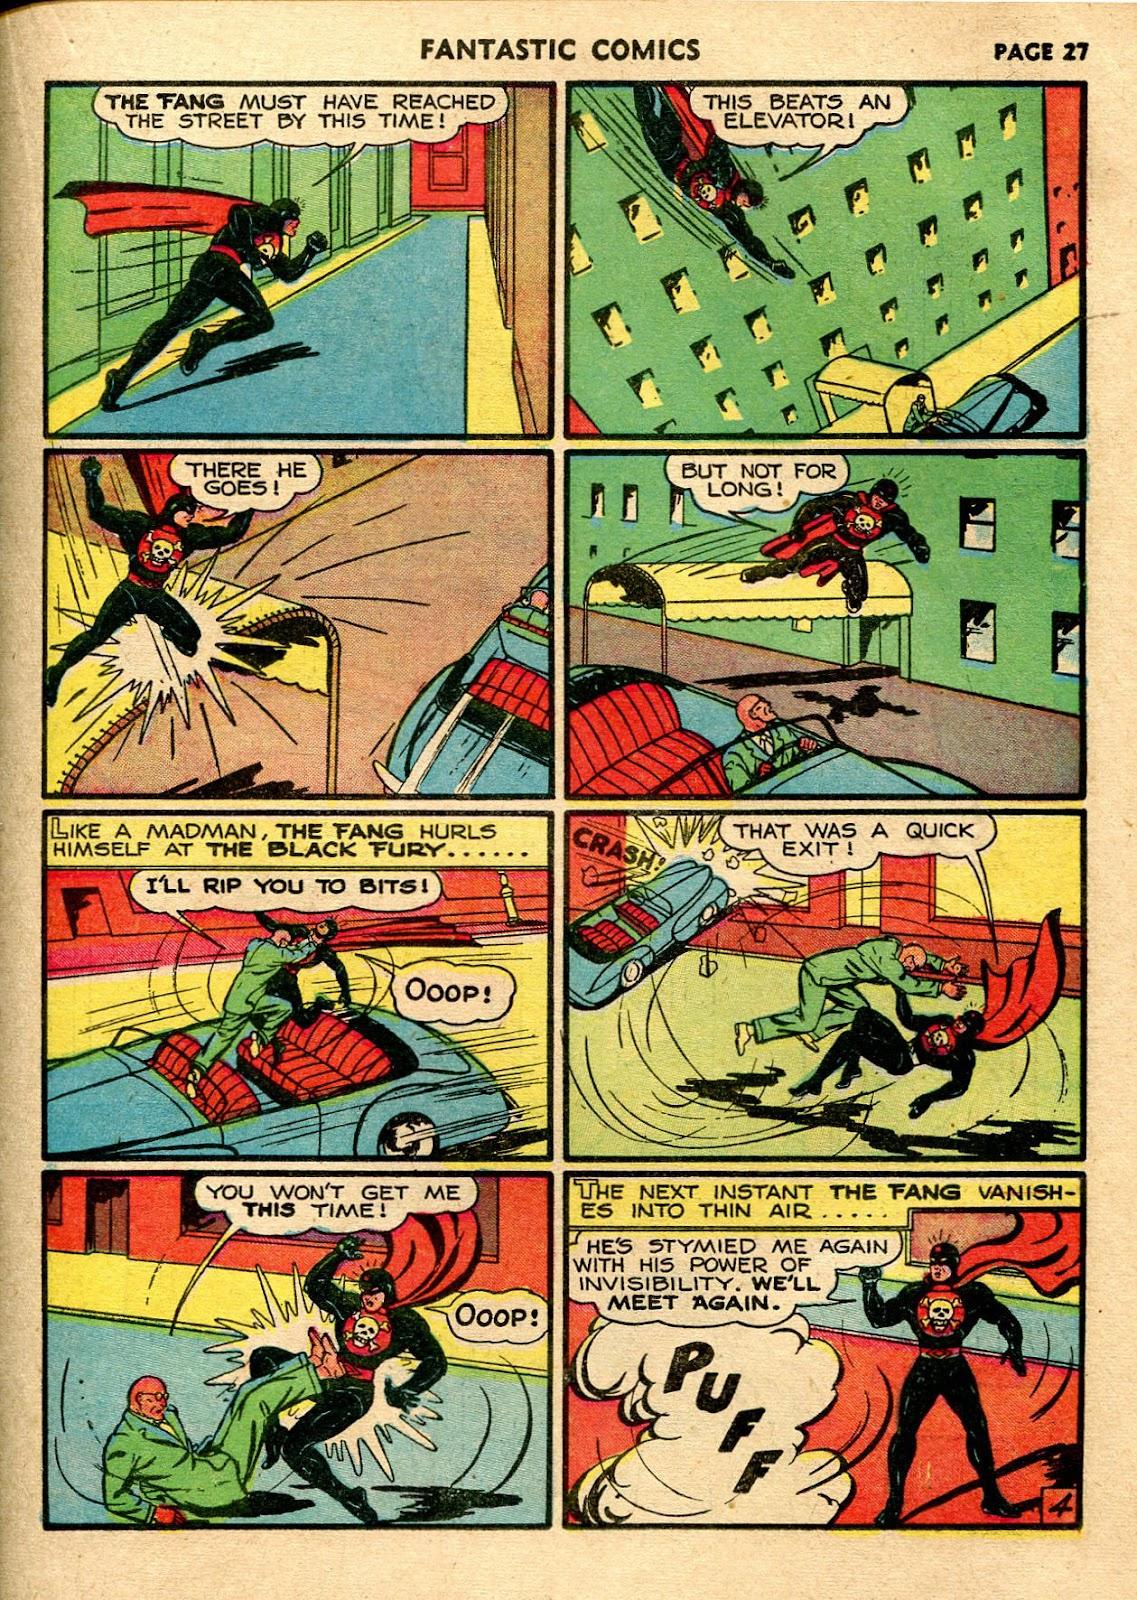 Read online Fantastic Comics comic -  Issue #21 - 29